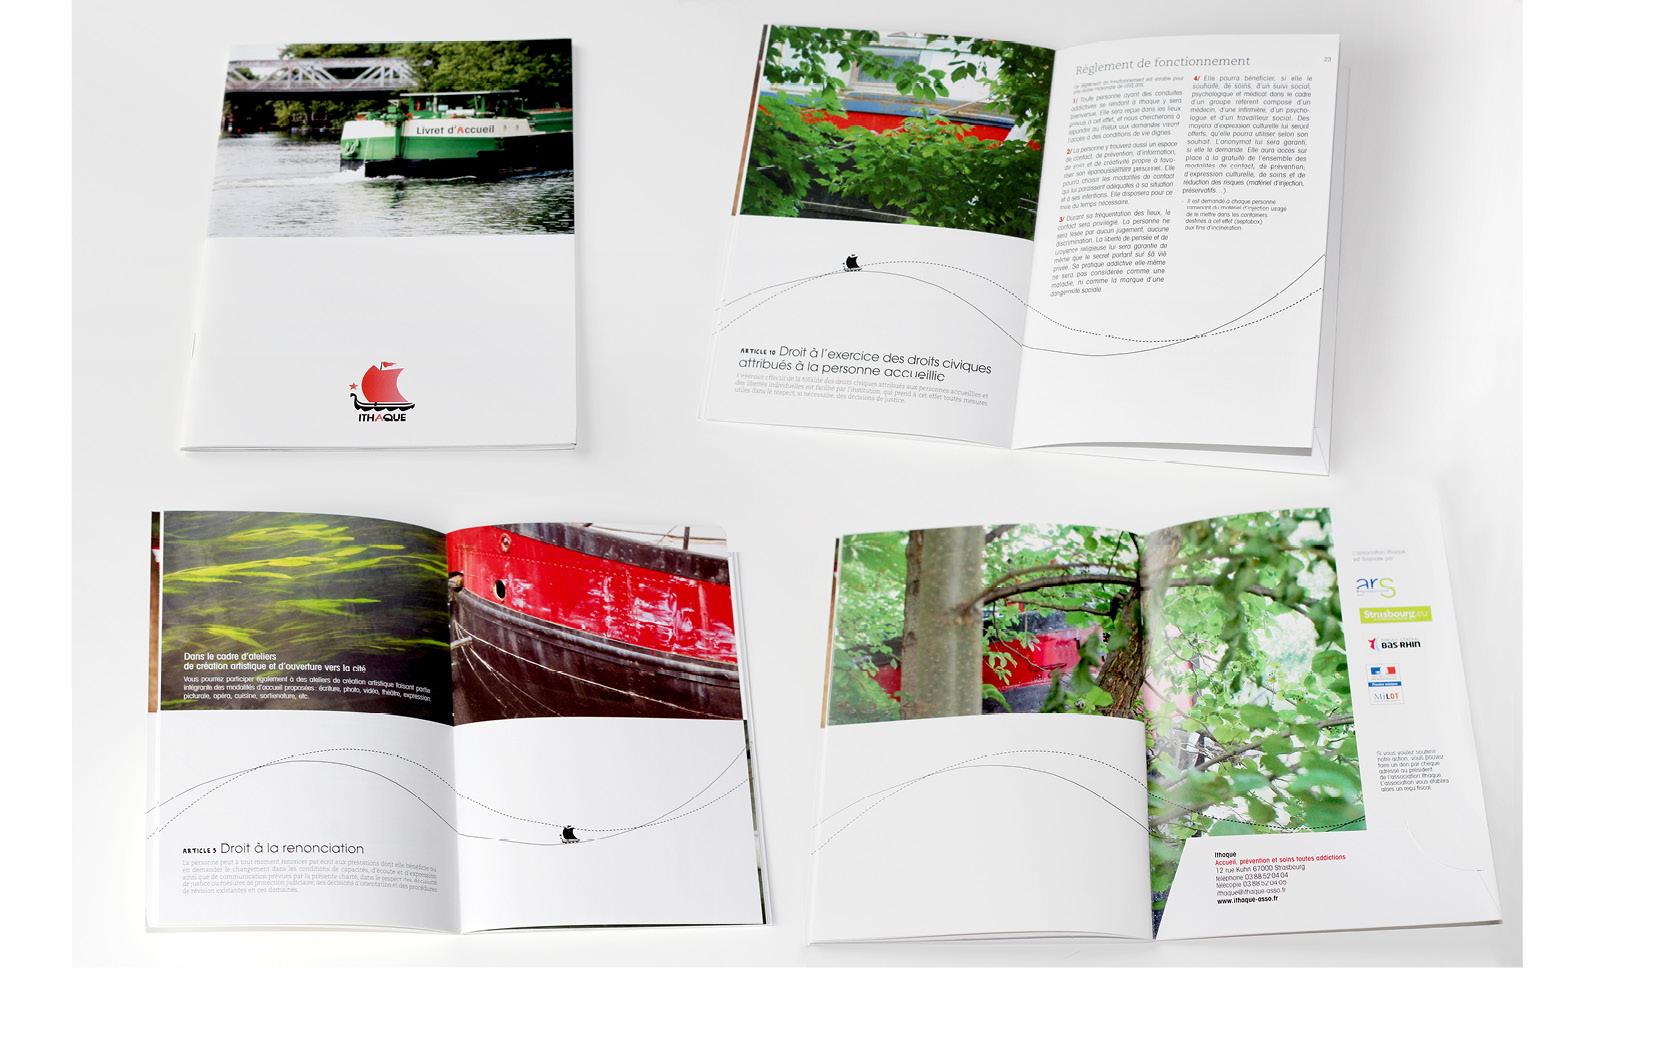 Graphisme et mise en pages du Livret d'accueil pour Ithaque, 2012.